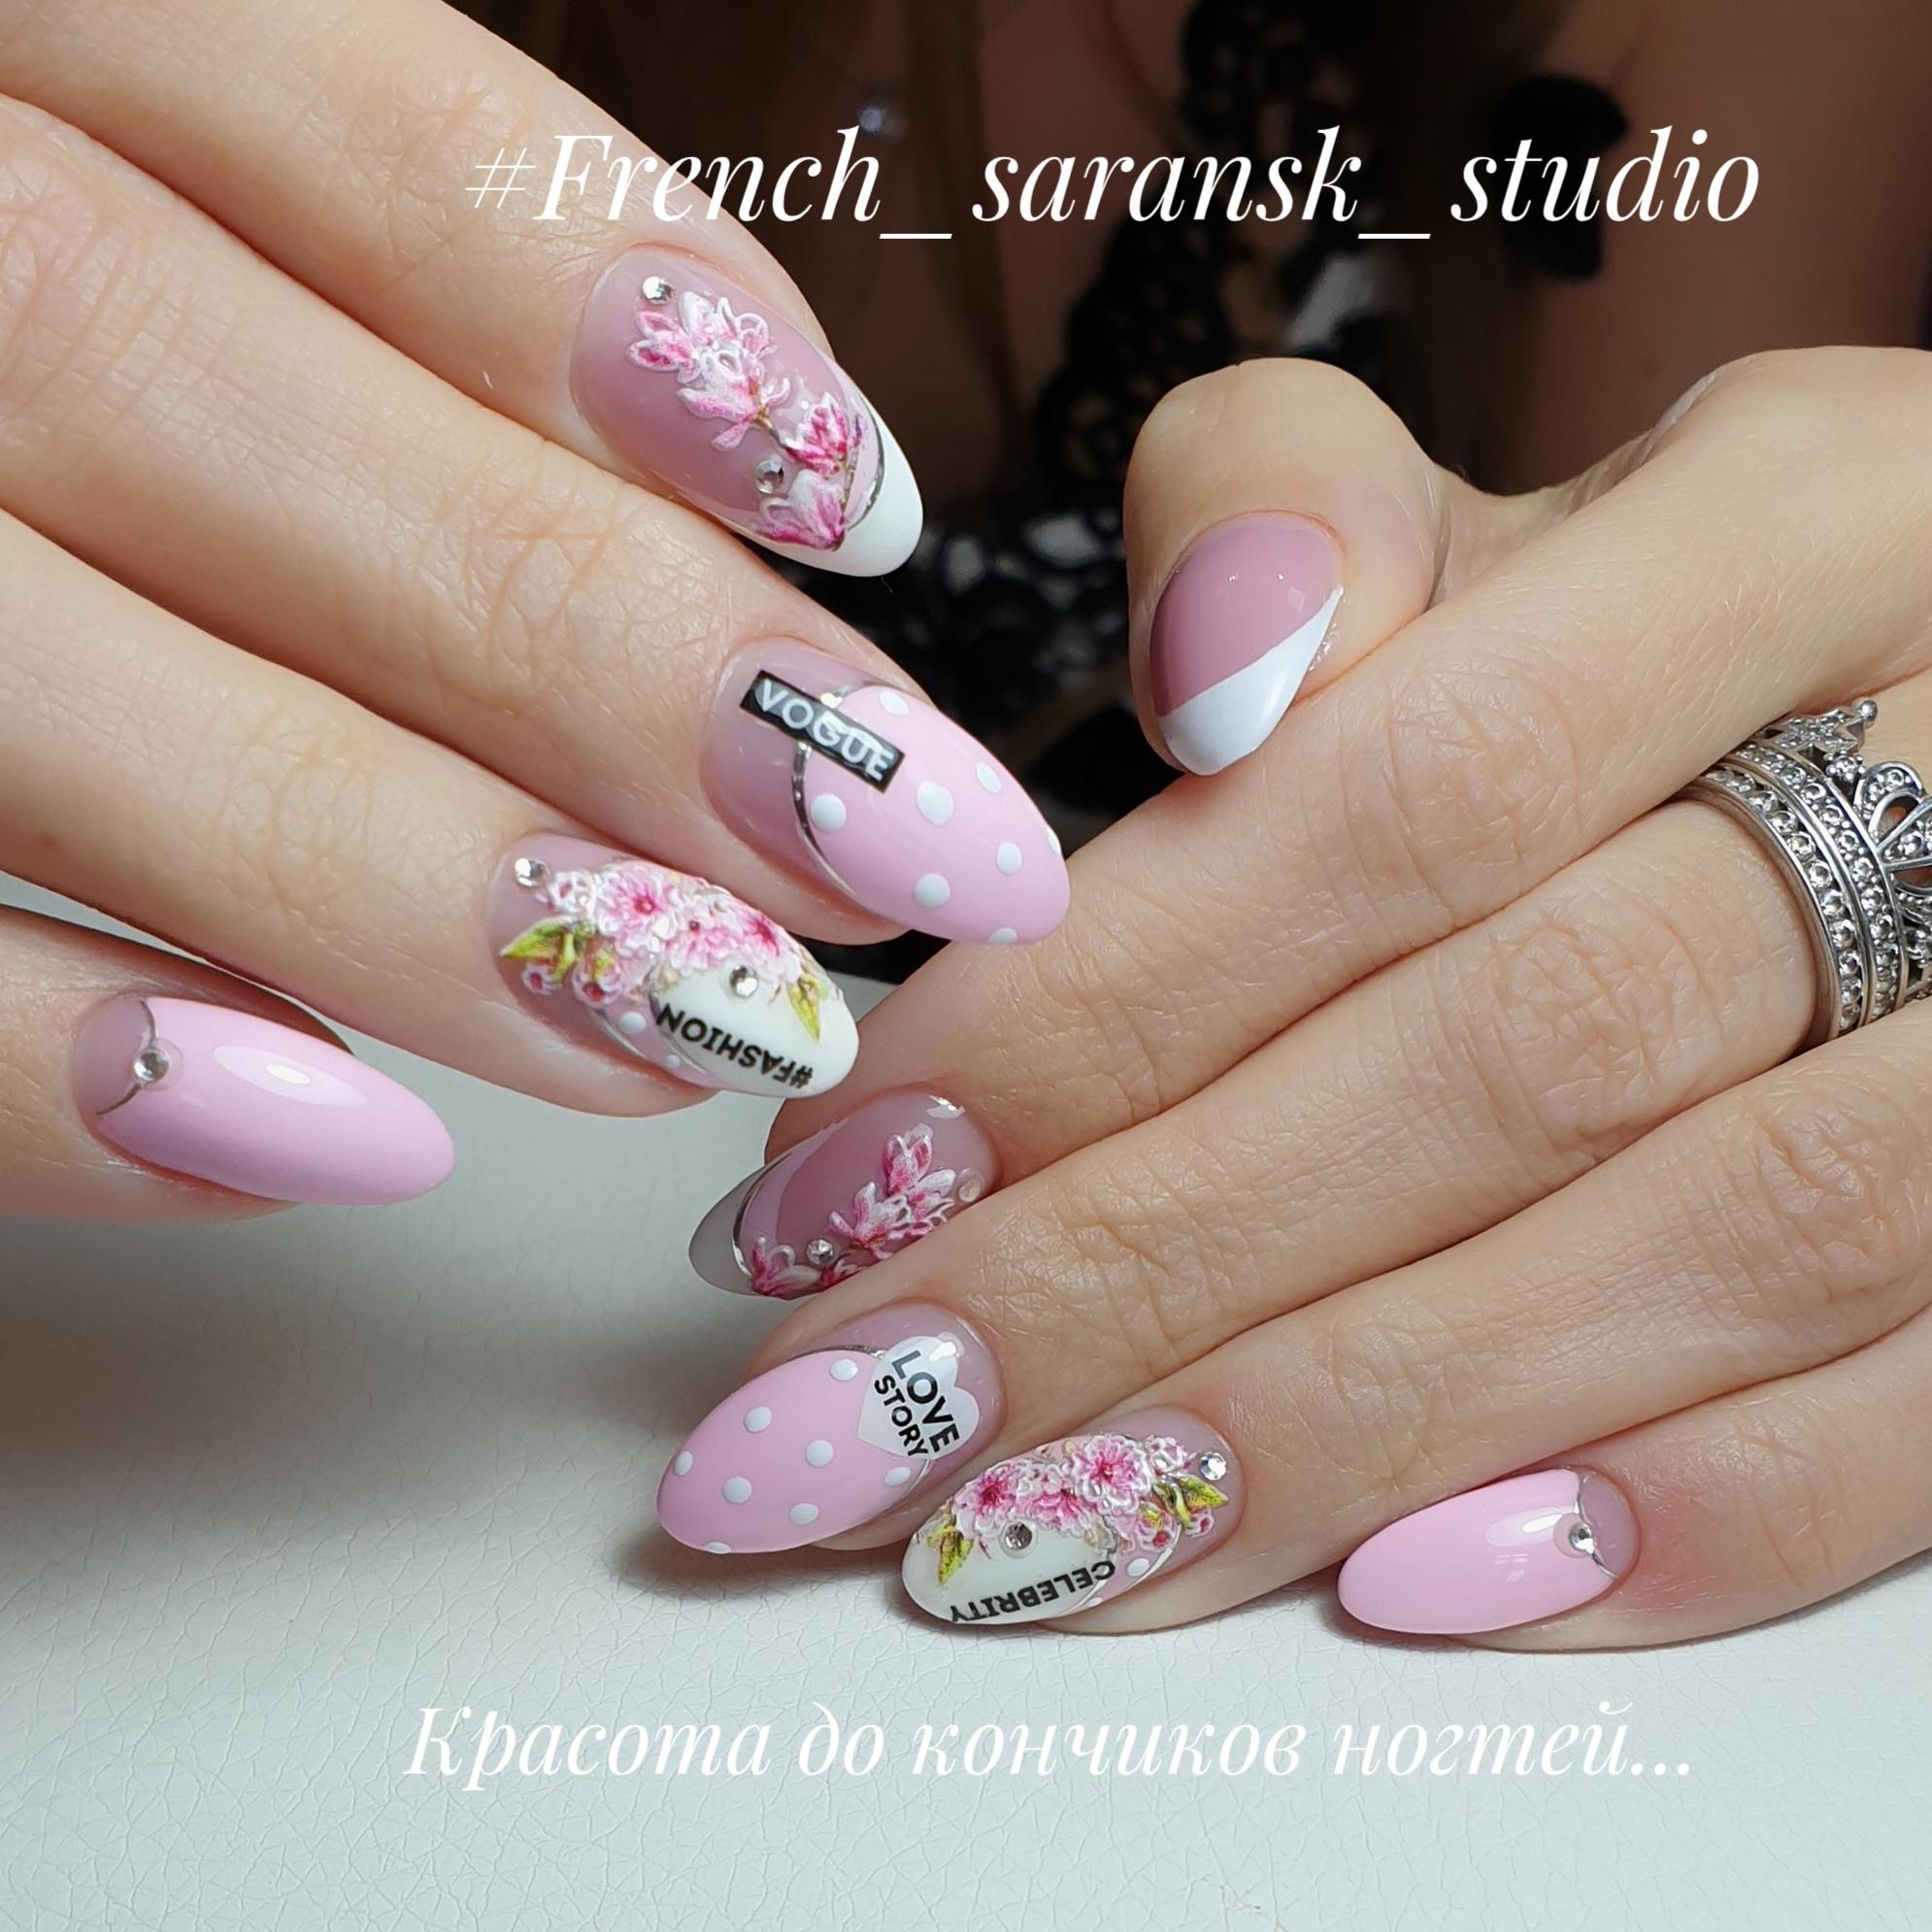 Маникюр с цветочным рисунком и надписями в розовом цвете.